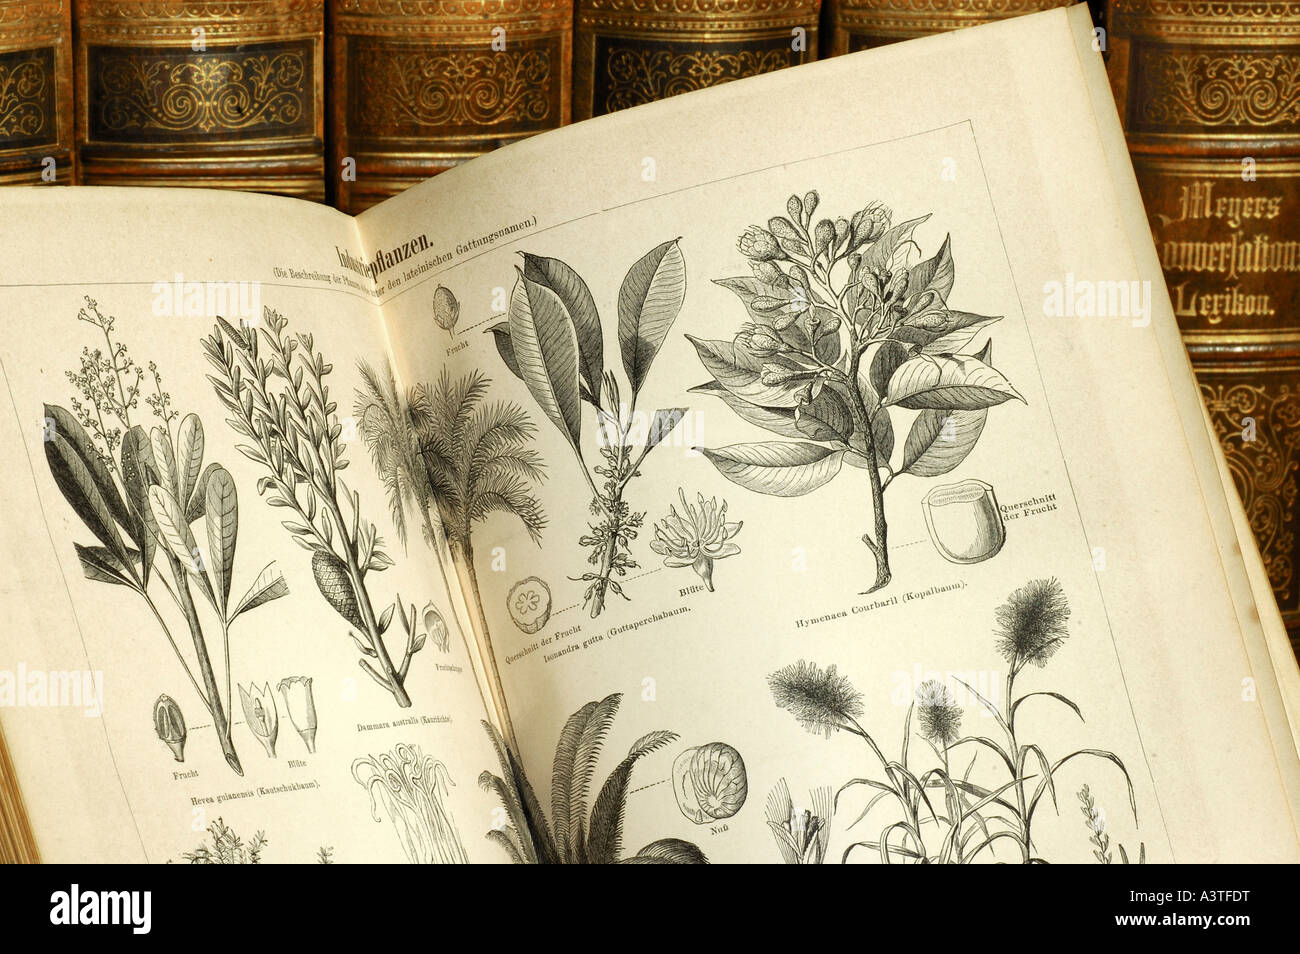 Le illustrazioni delle piante utili in un volume di un vecchio edizione di Meyers lexicon Immagini Stock